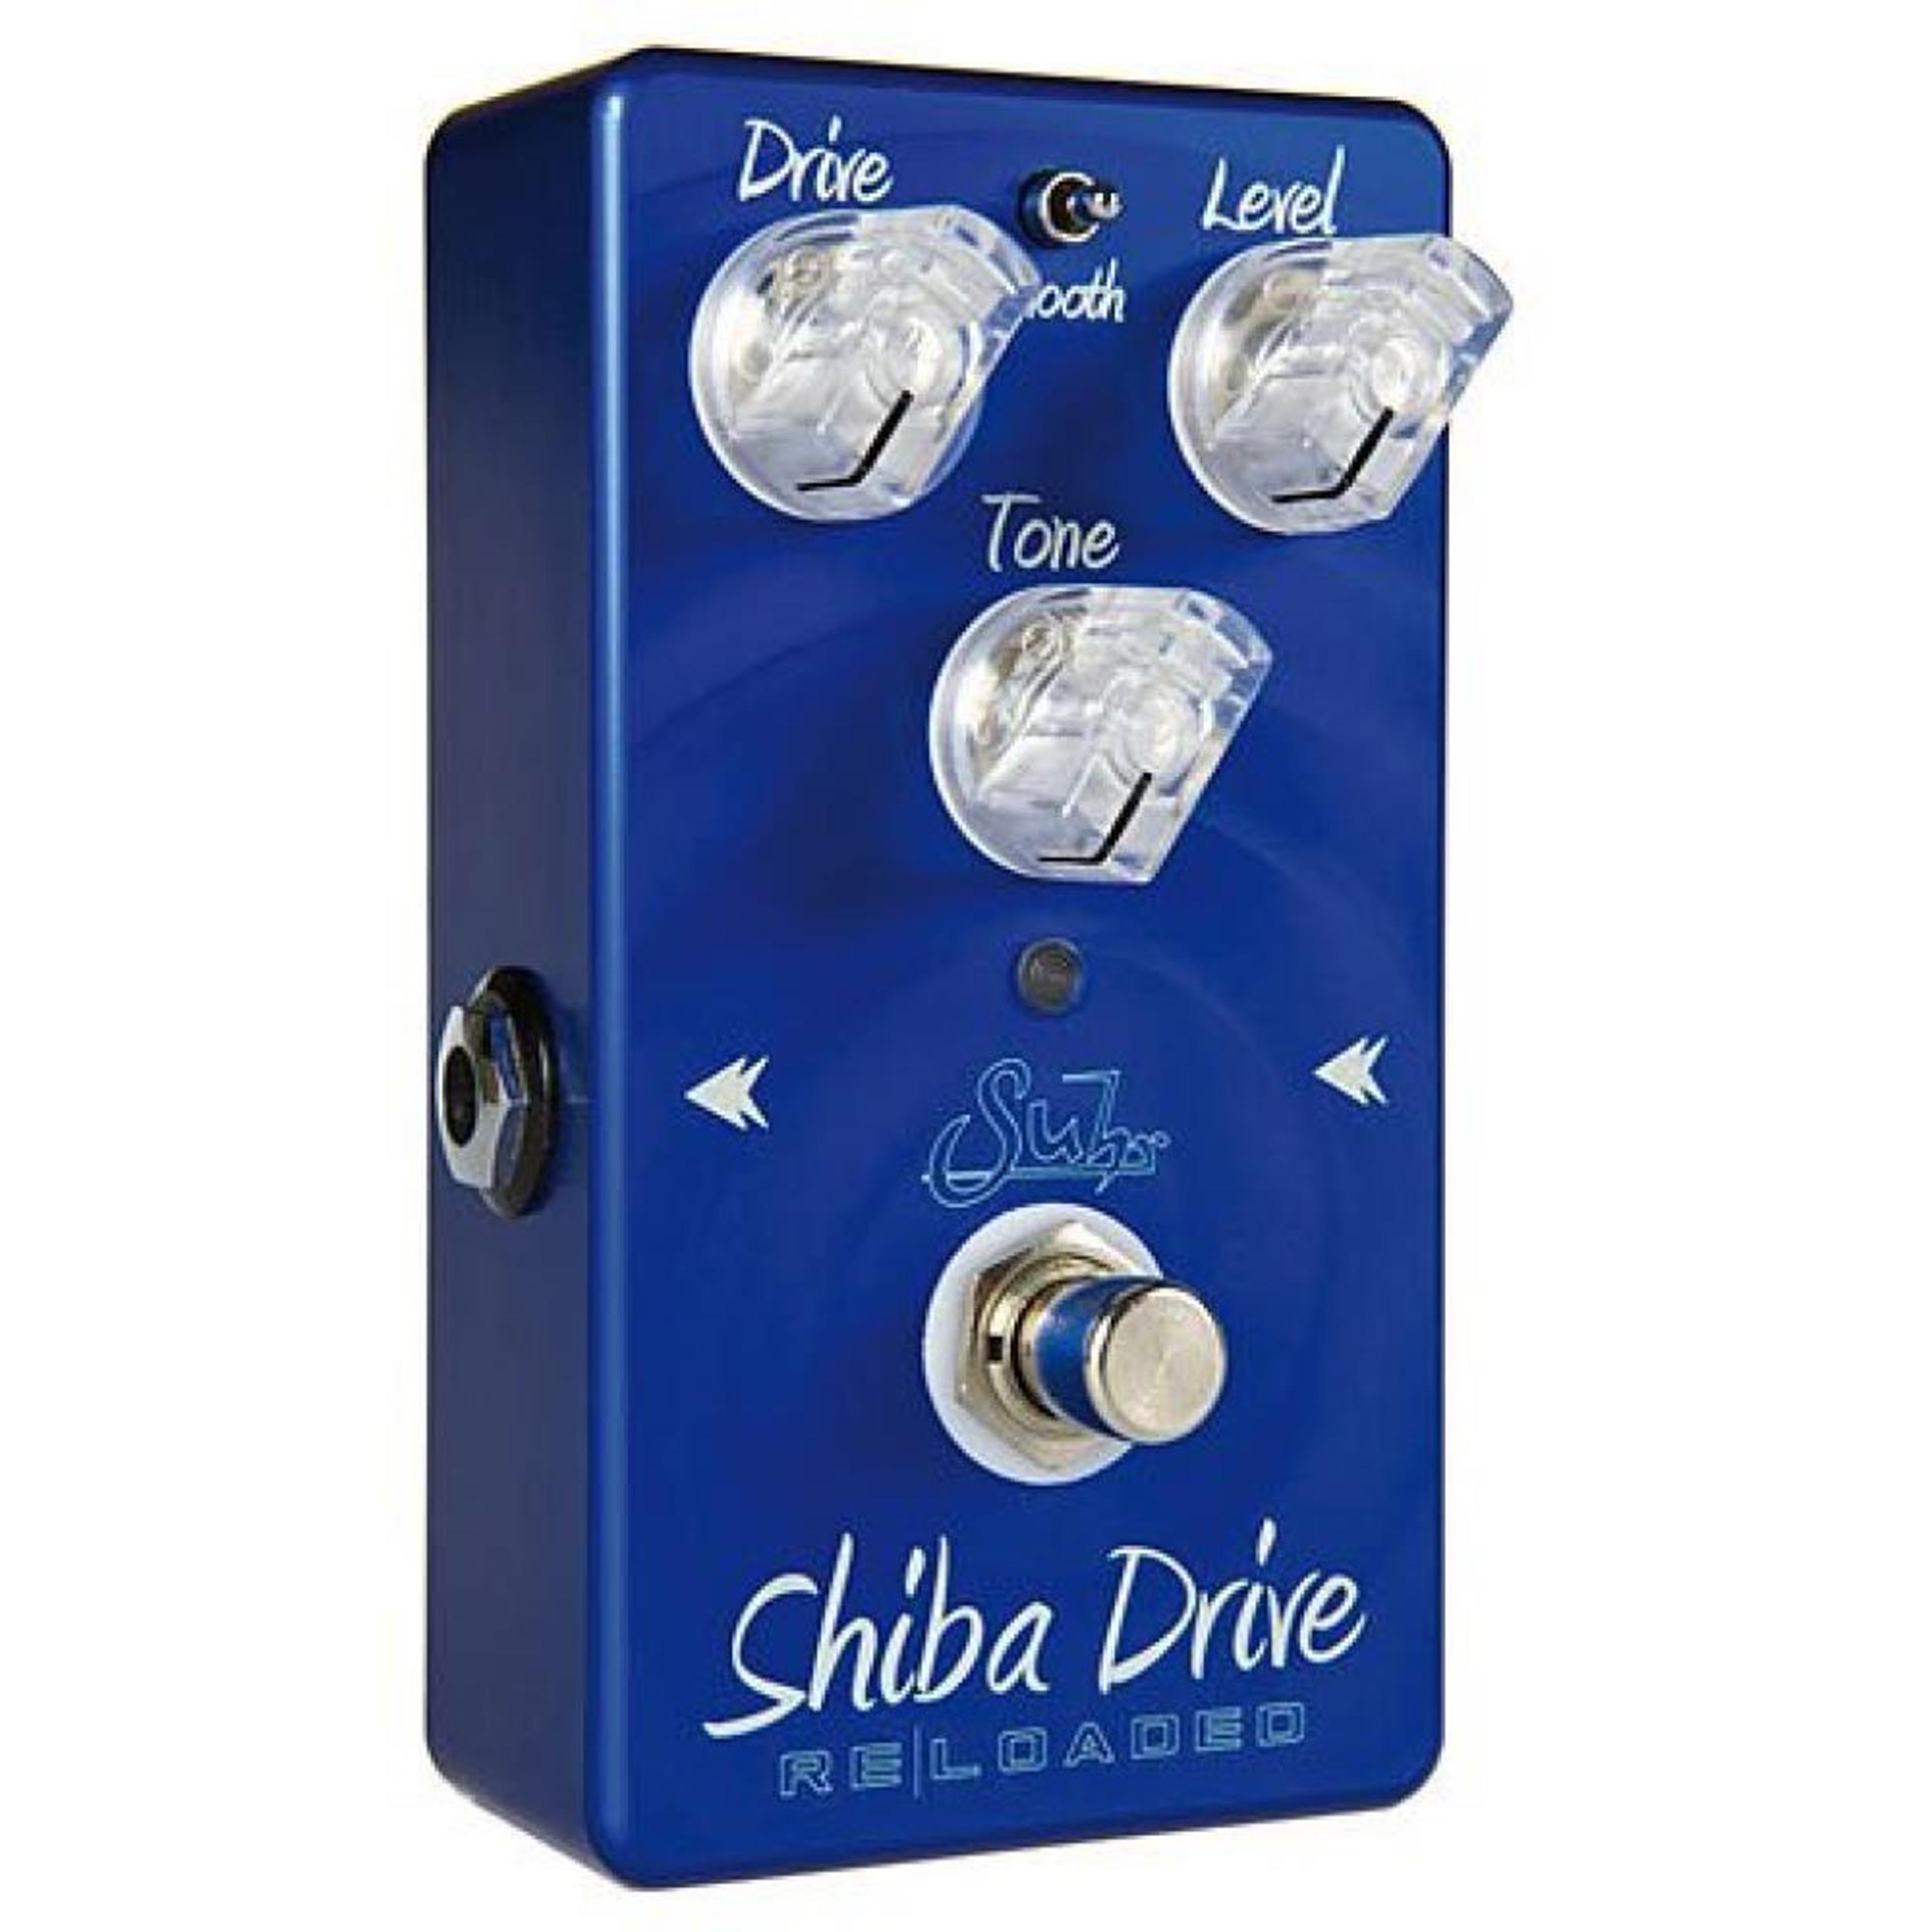 SUHR SHIBA RELOADED - Dj Equipment Tastiere - Sintetizzatori